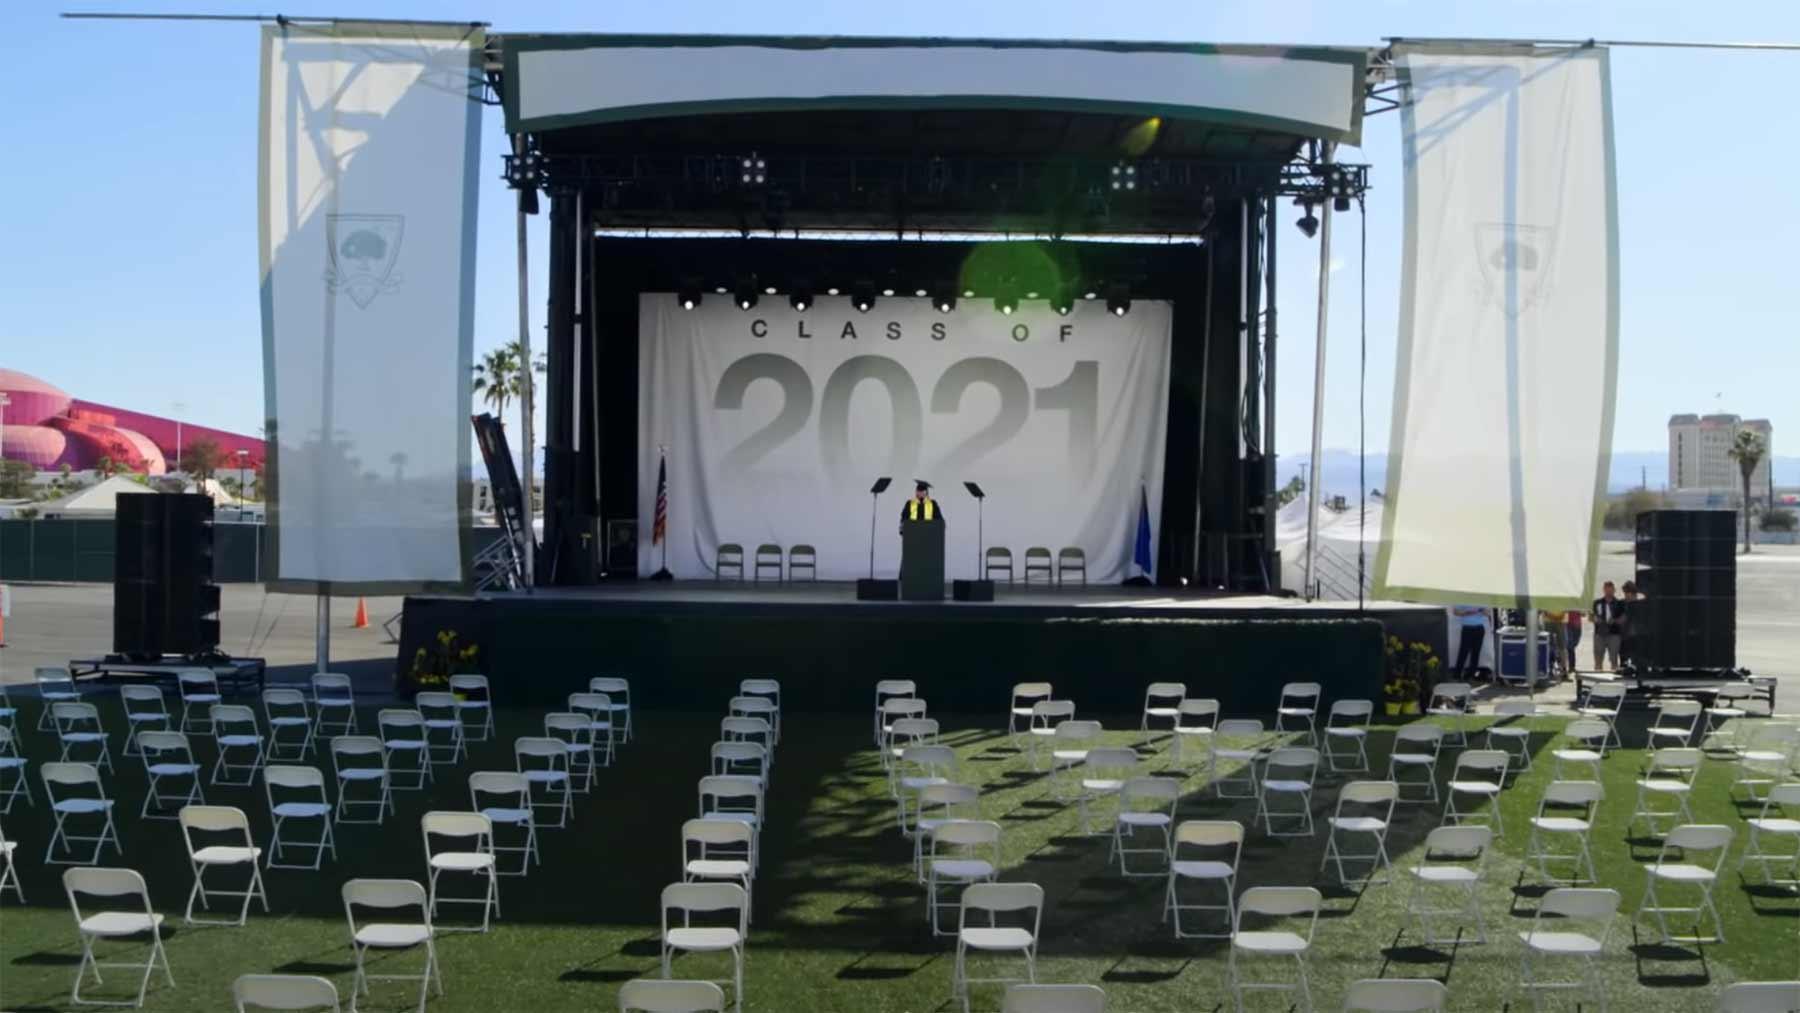 Einstiger NRA-Präsident spricht auf Fake-Abschlussfeier vor 3.044 leeren Stühlen